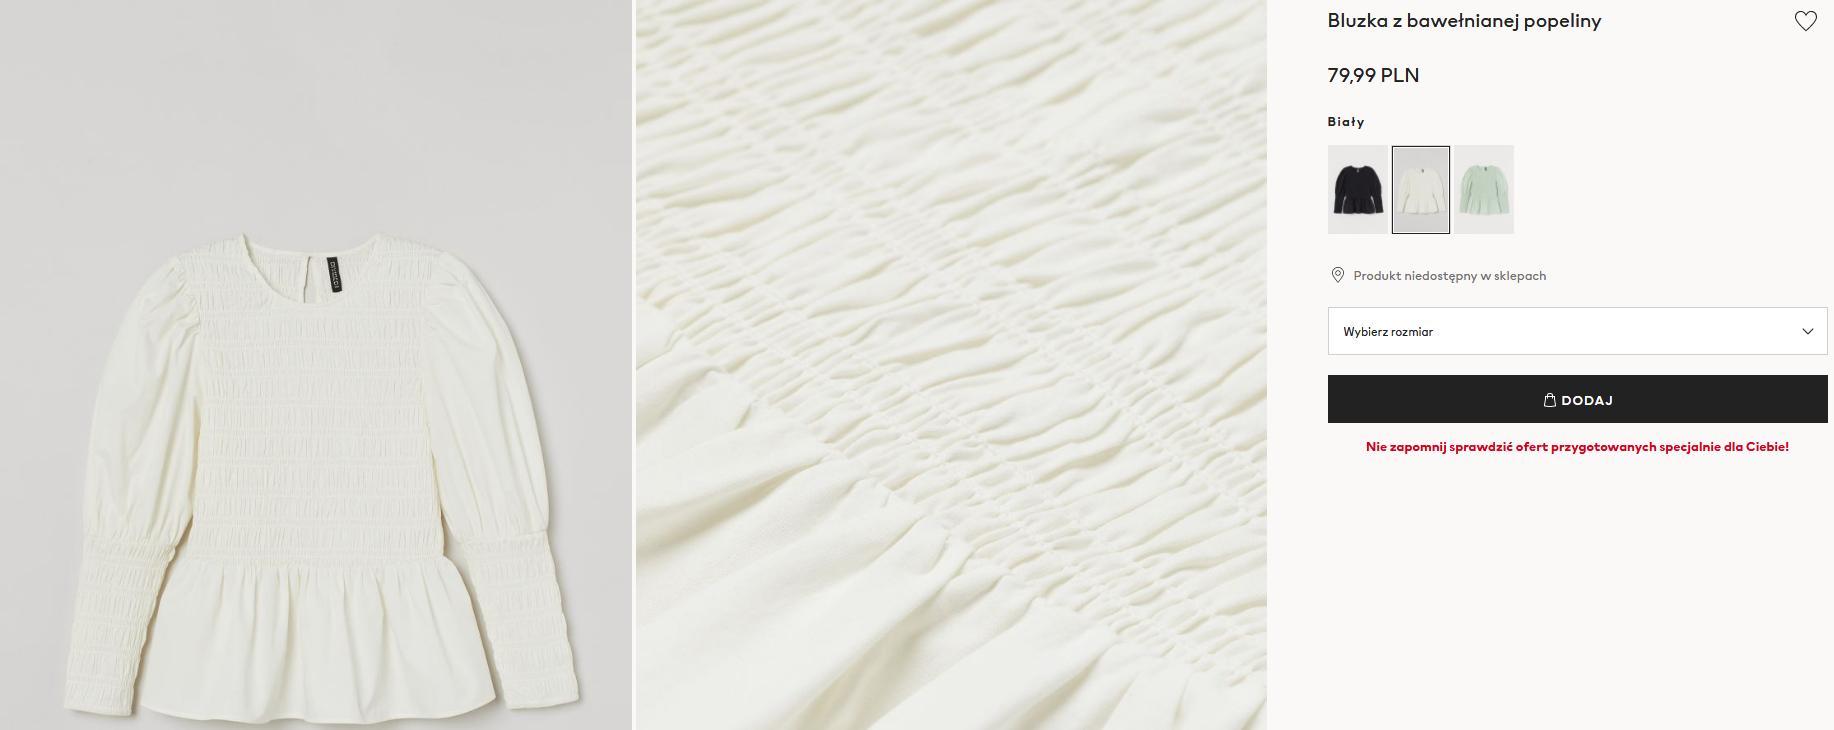 Screenshot_2021-02-17 Bluzka z bawełnianej popeliny - Biały - ONA H M PL